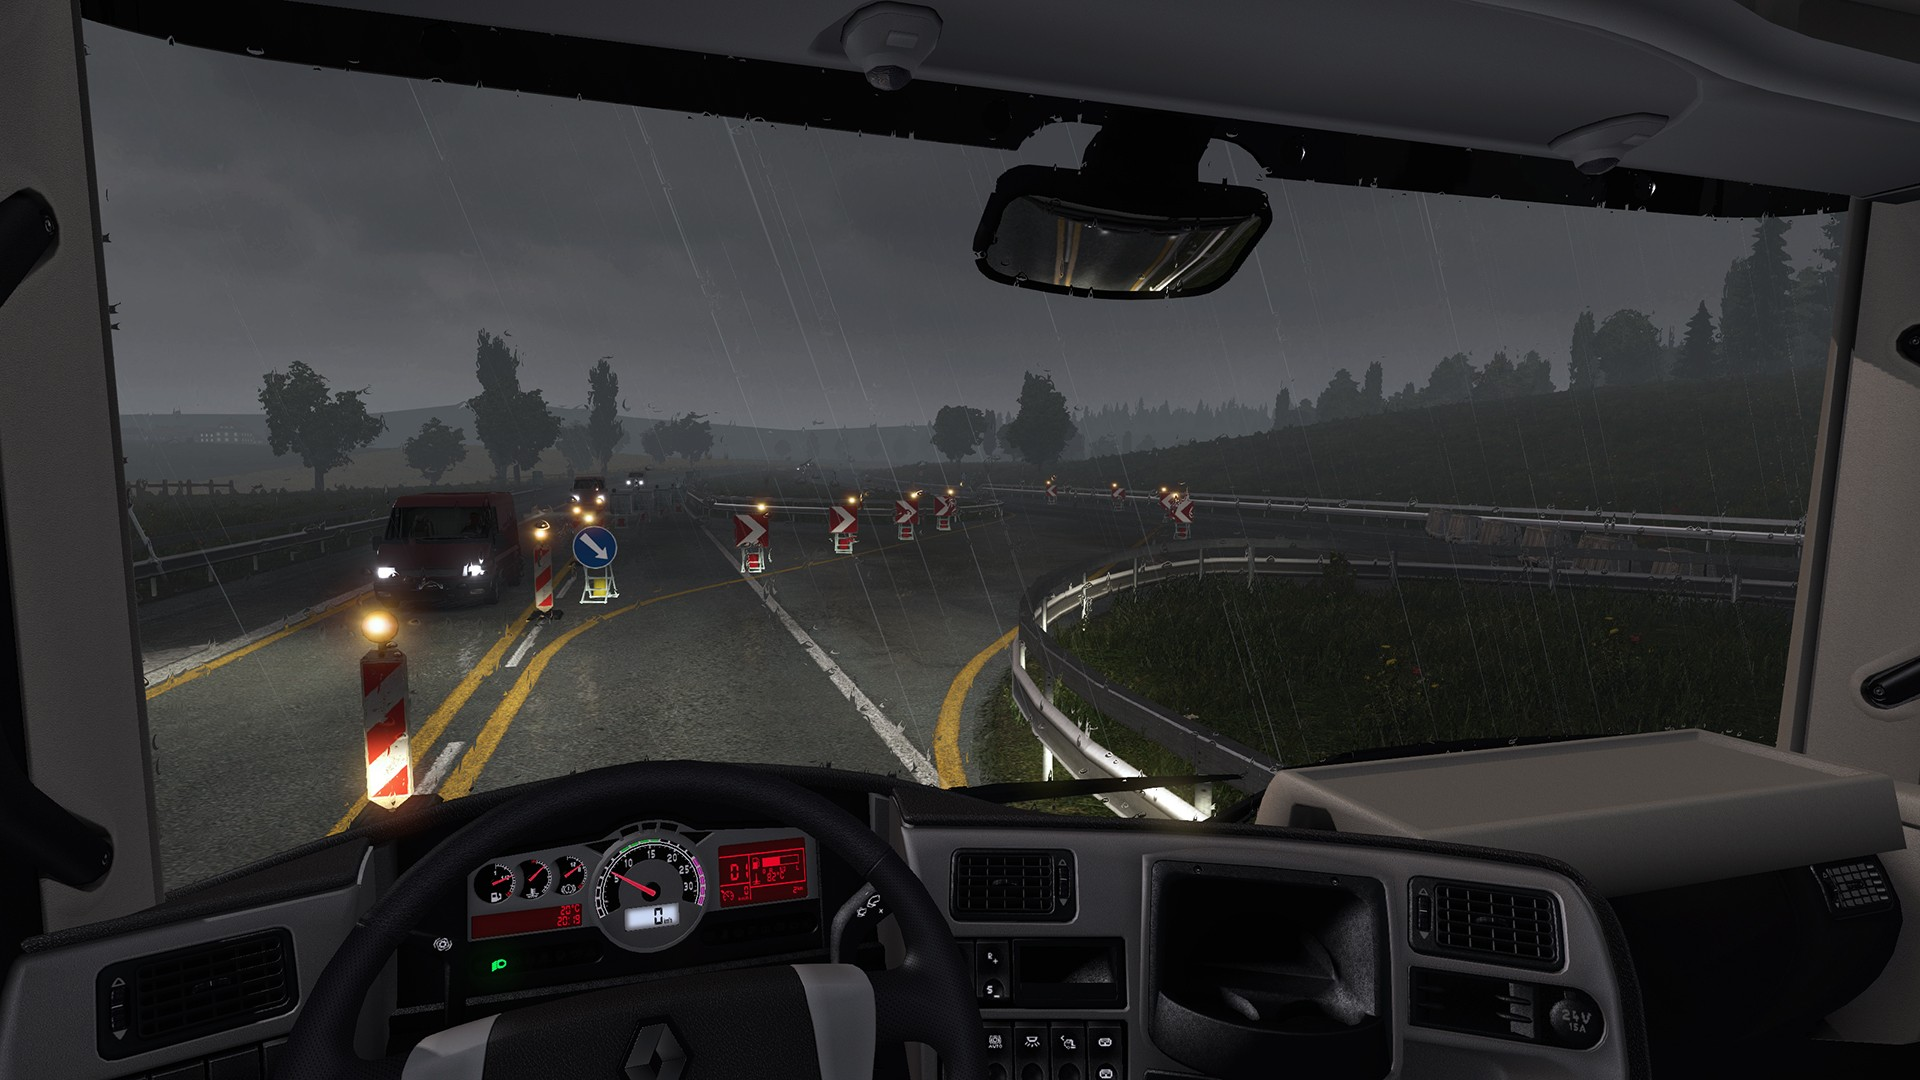 [Steam] Euro Truck Simulator 2. R$8Vendido por Nuuvem. joao.tm.marcos. 2. Pegar promoçãoPegar promoção.